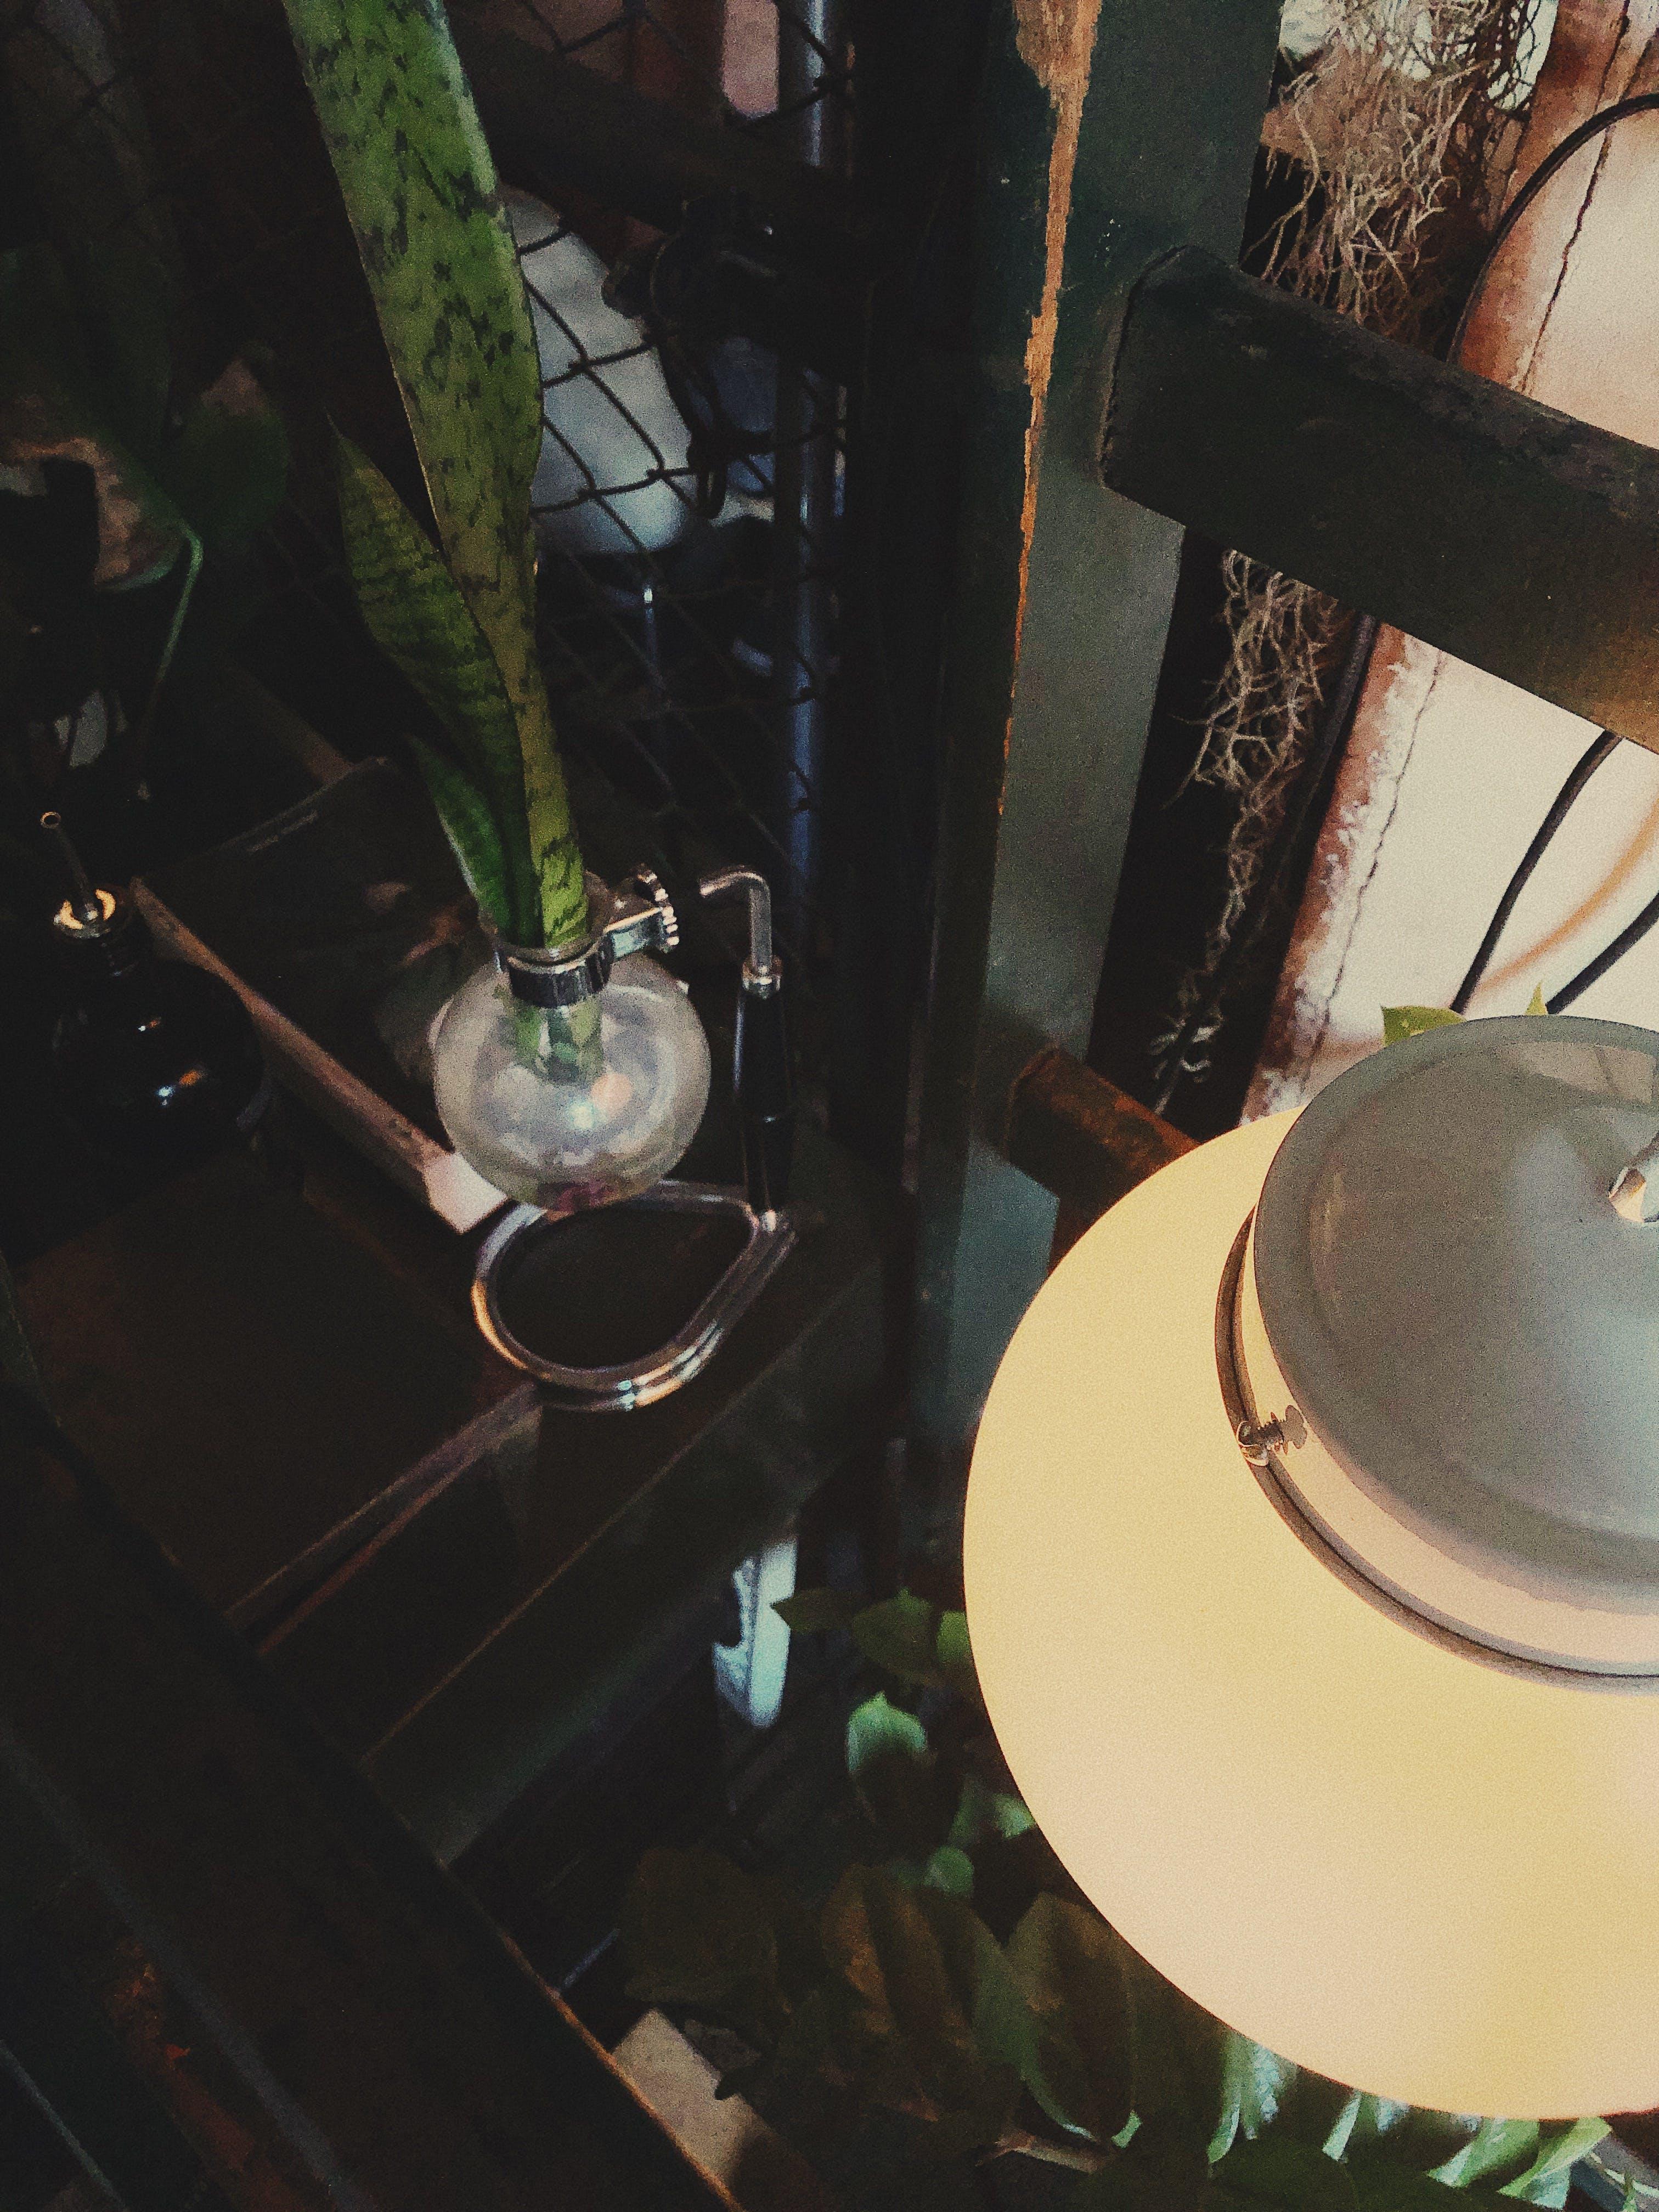 インドア, ガラス, バイパーの弦の麻, ルームの無料の写真素材